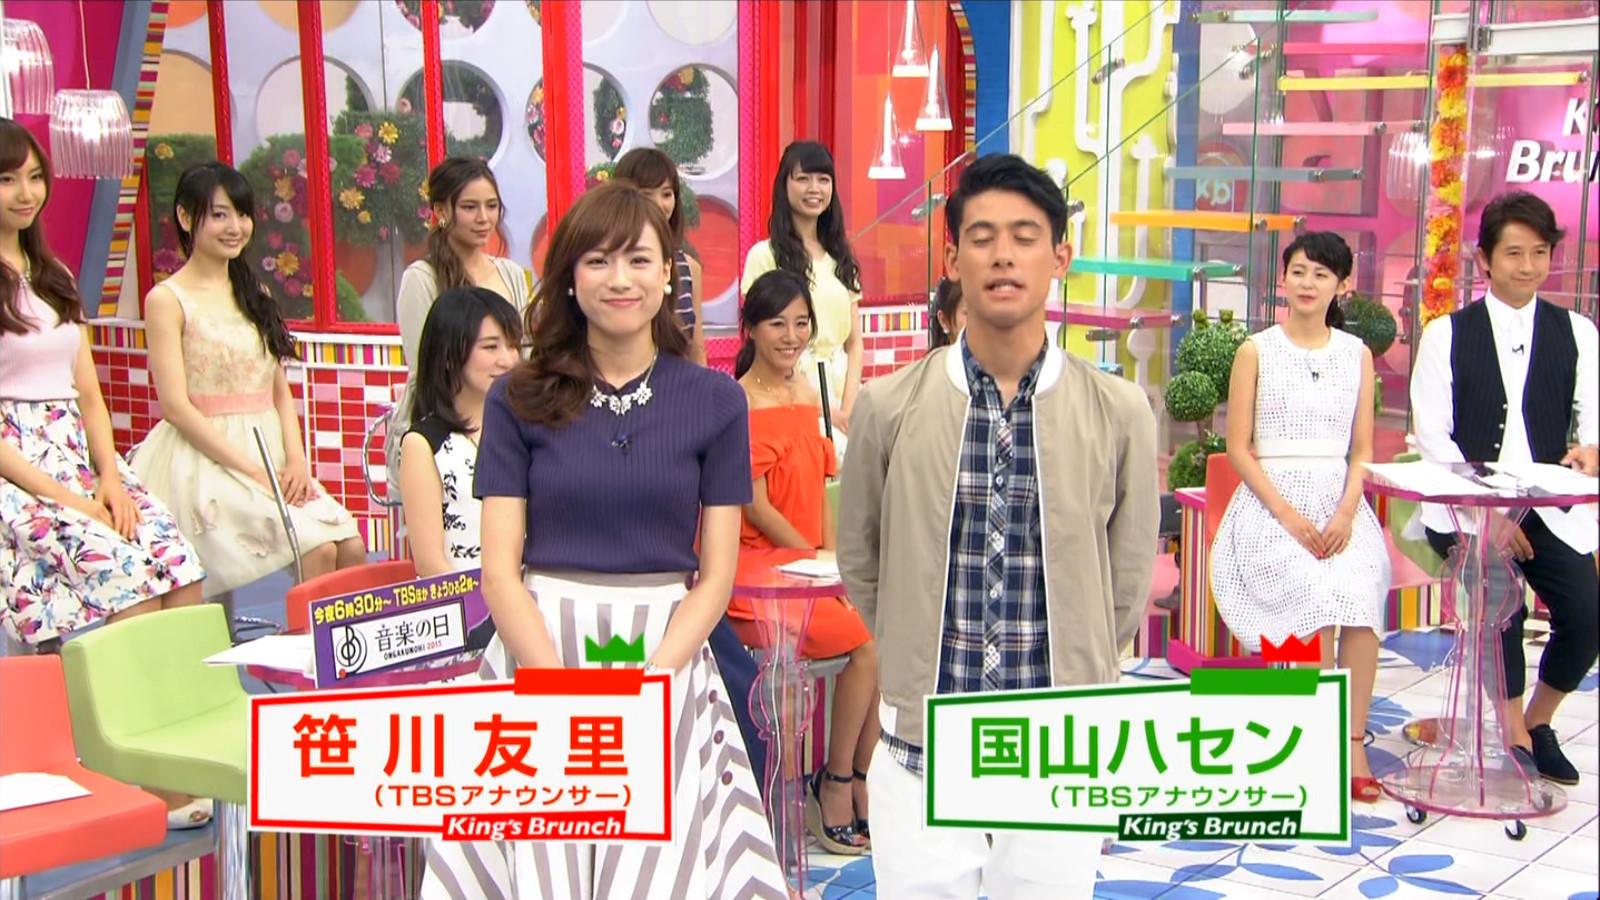 TBS笹川友里アナがおっぱい強調www【王様のブランチ!キャプ画像】